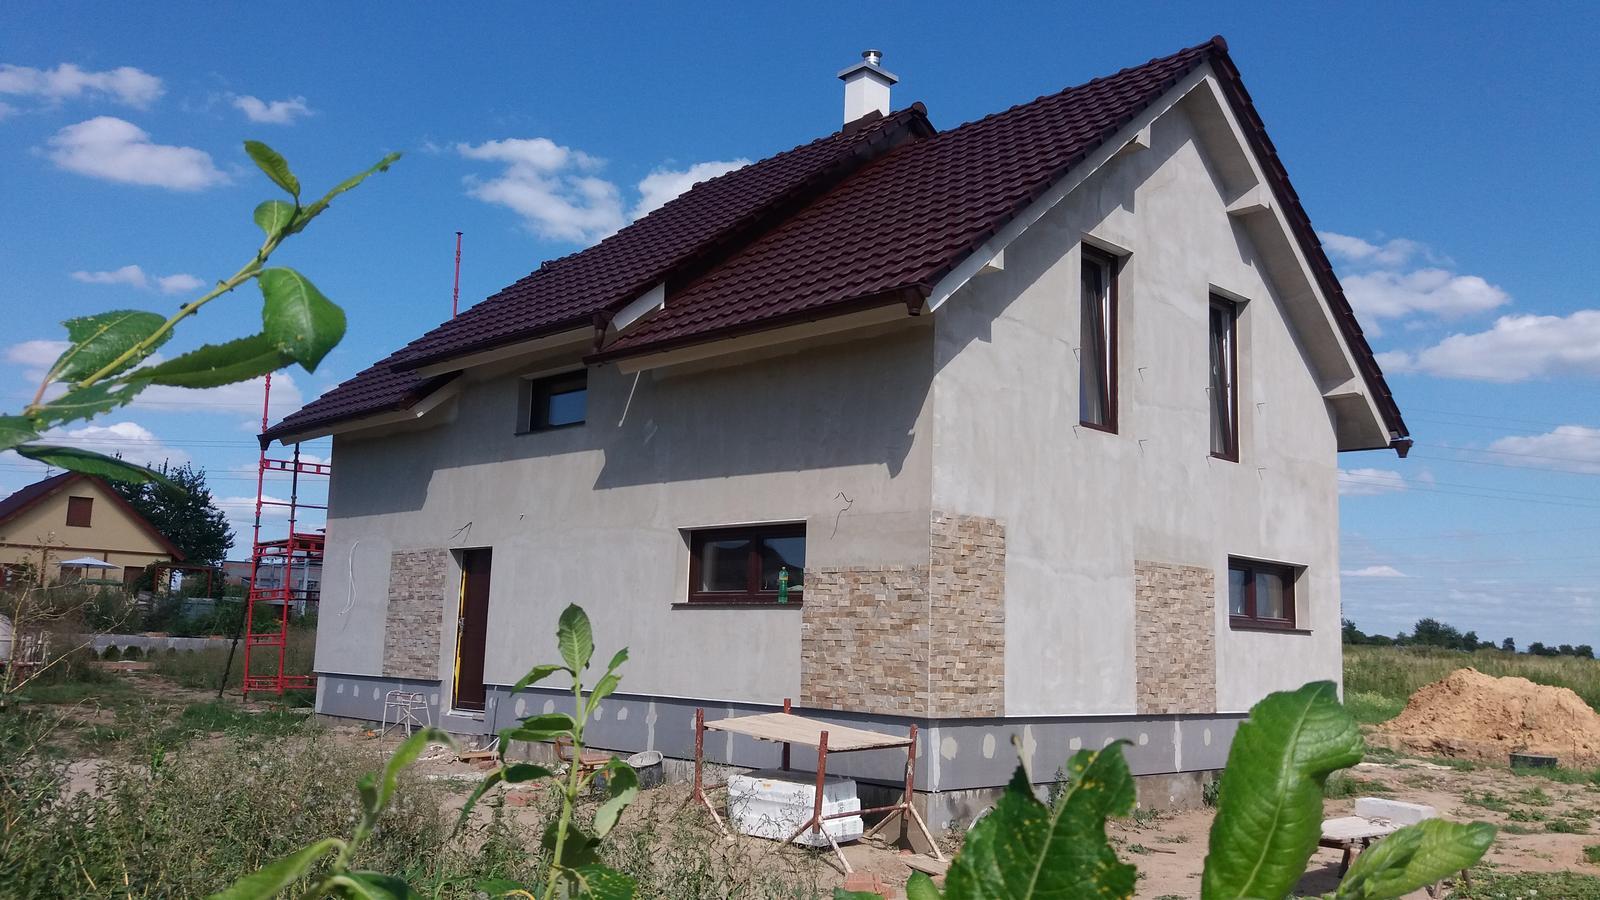 Stavba v kostce - Obrázek č. 78